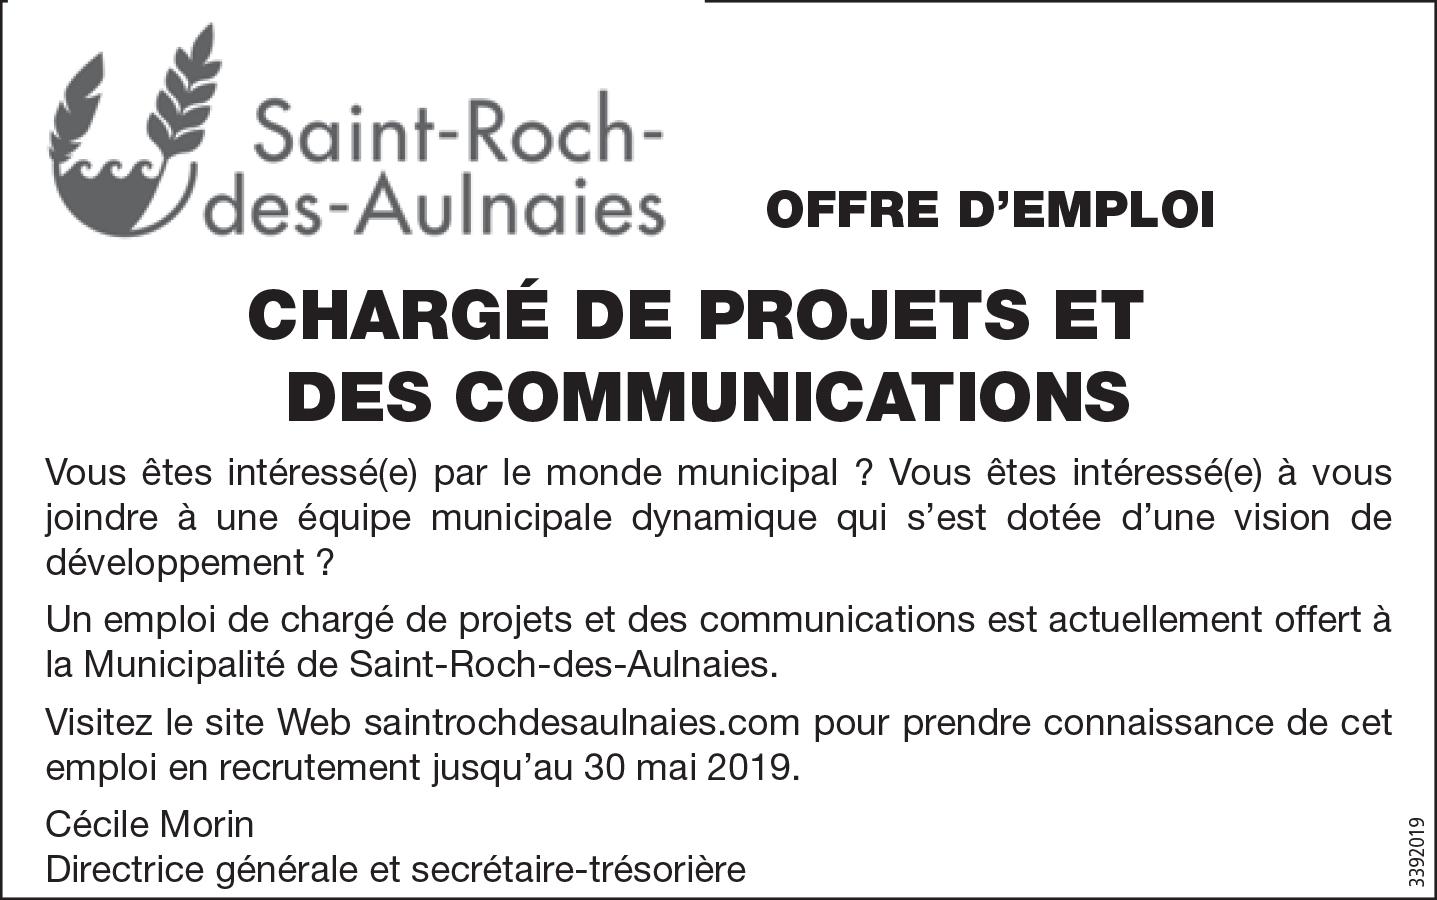 Chargé de projets et des communications